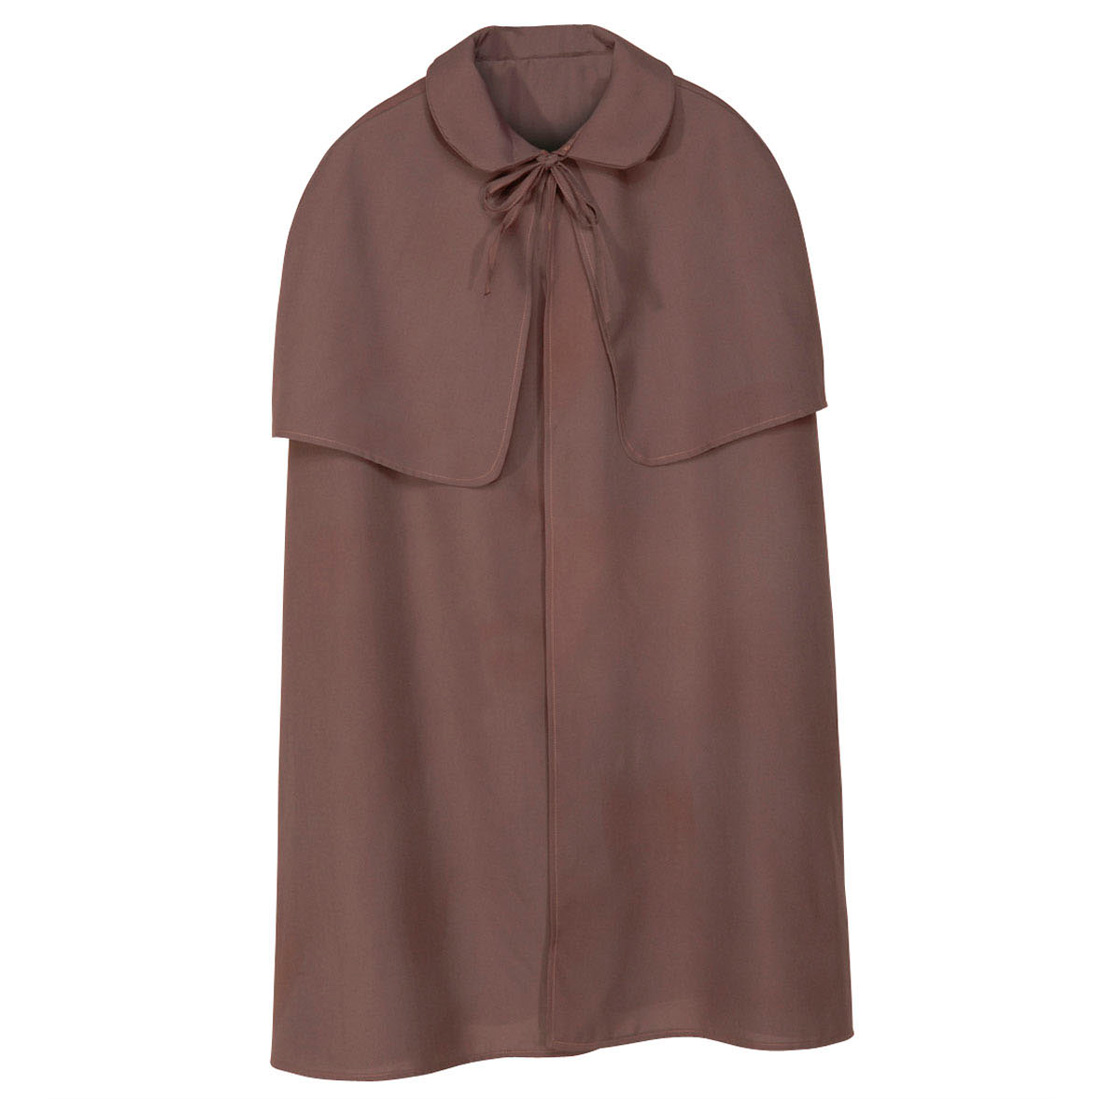 sherlock holmes investigatore cappotto agenti costume mantello grigio detective cappotto cape ebay. Black Bedroom Furniture Sets. Home Design Ideas